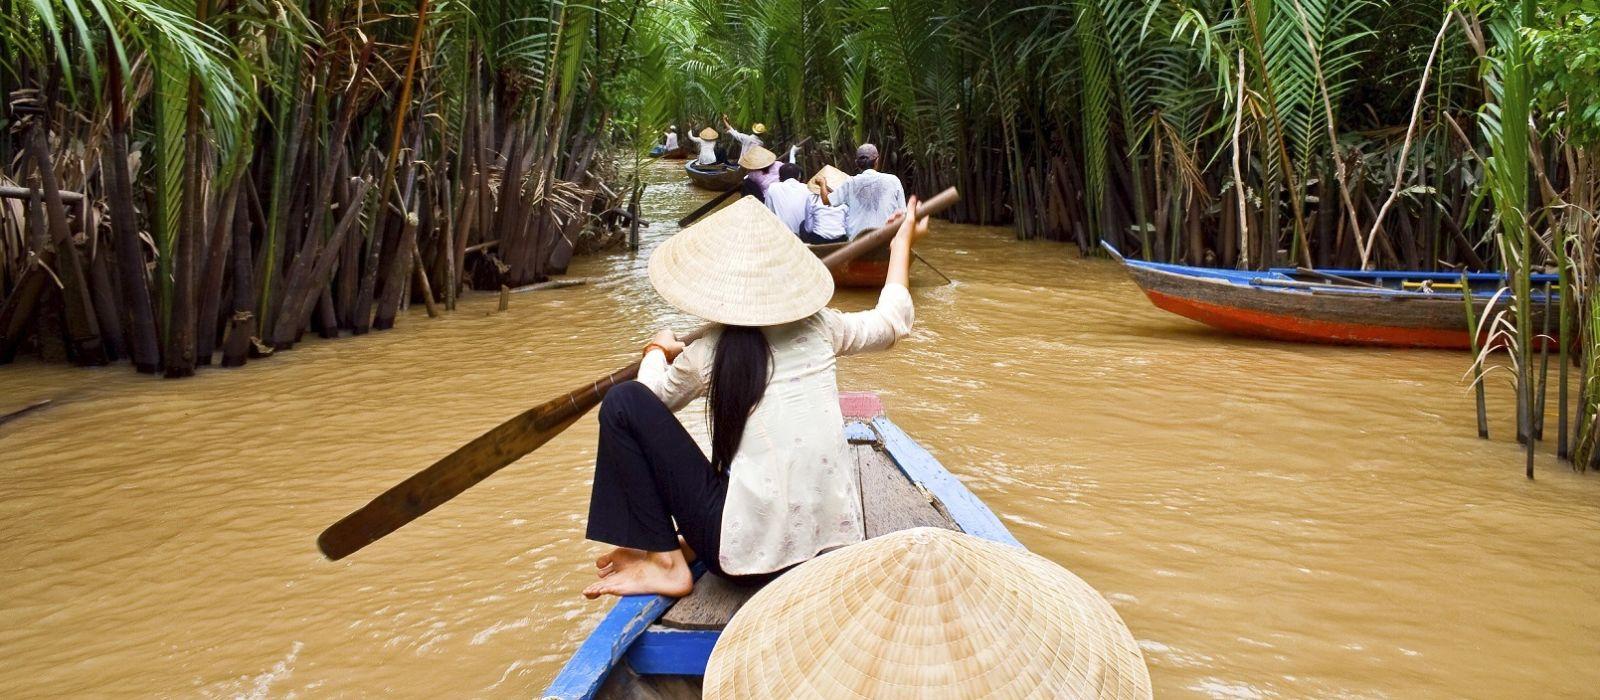 Destination Can Tho / Mekong Delta Vietnam